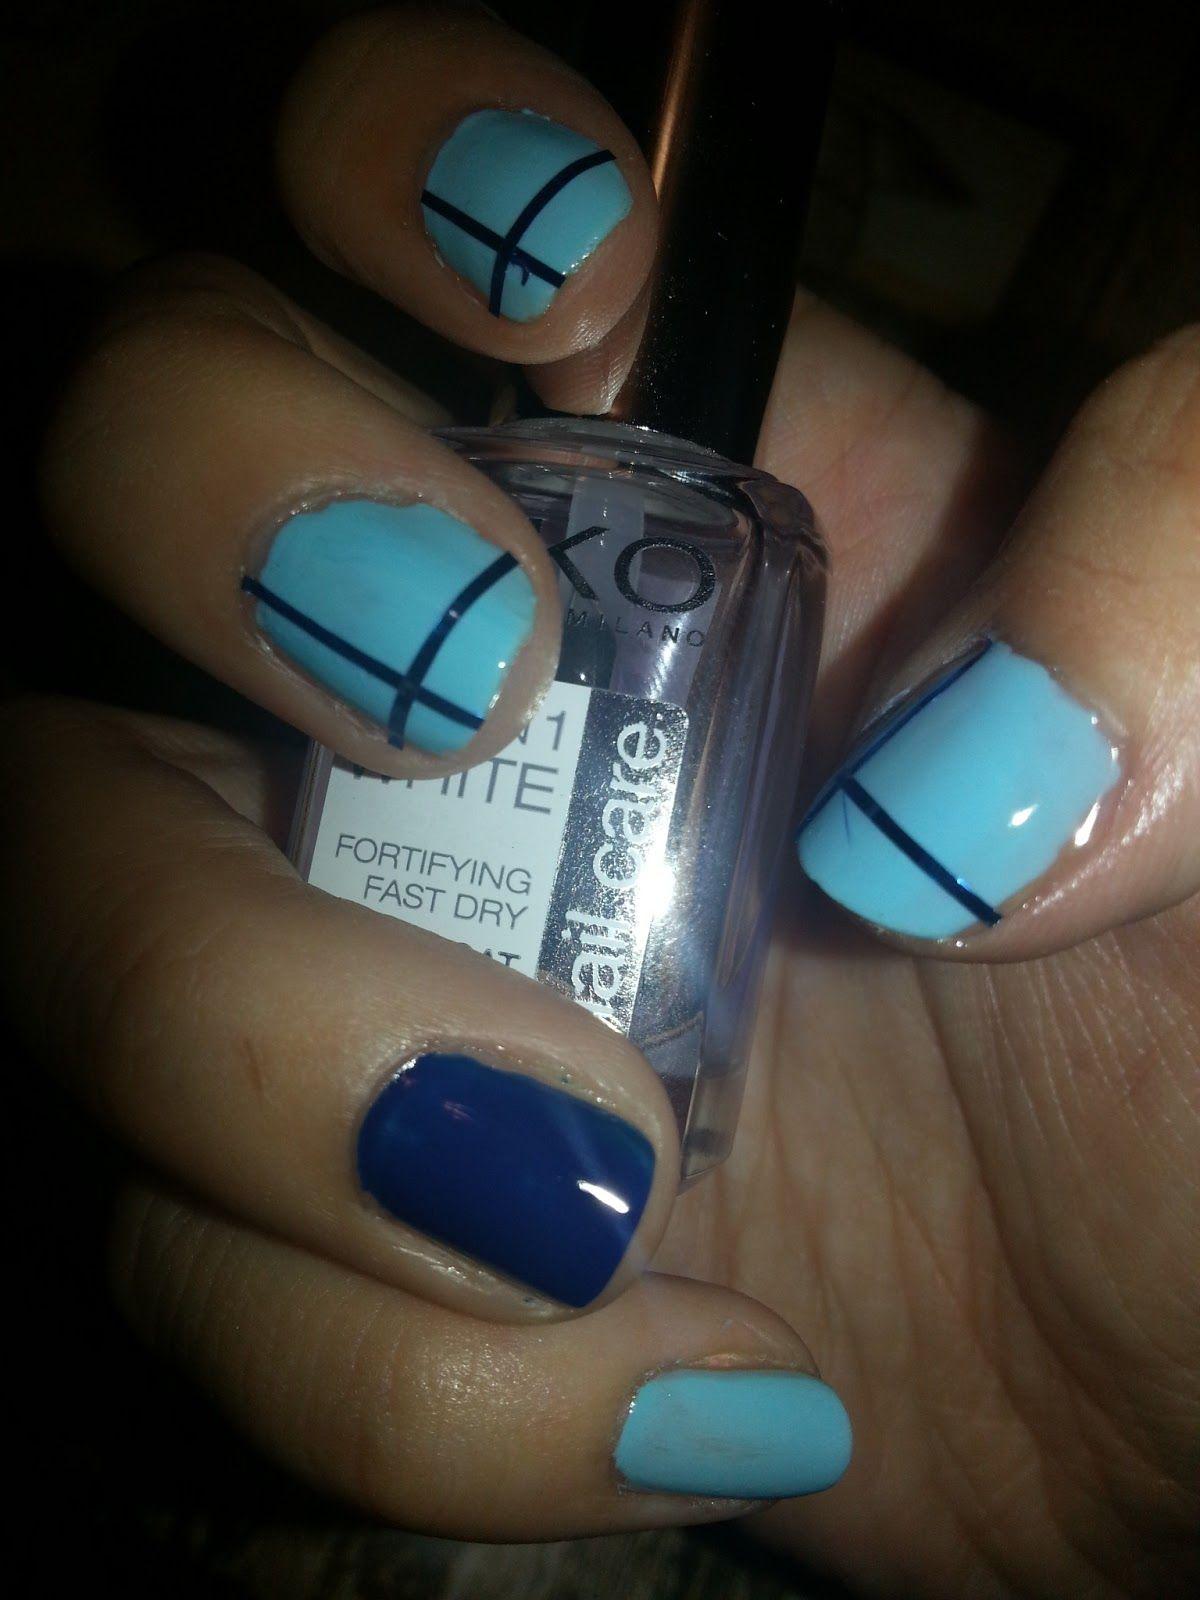 uñas pintadas de color azul electrico - Buscar con Google | uñitas ...